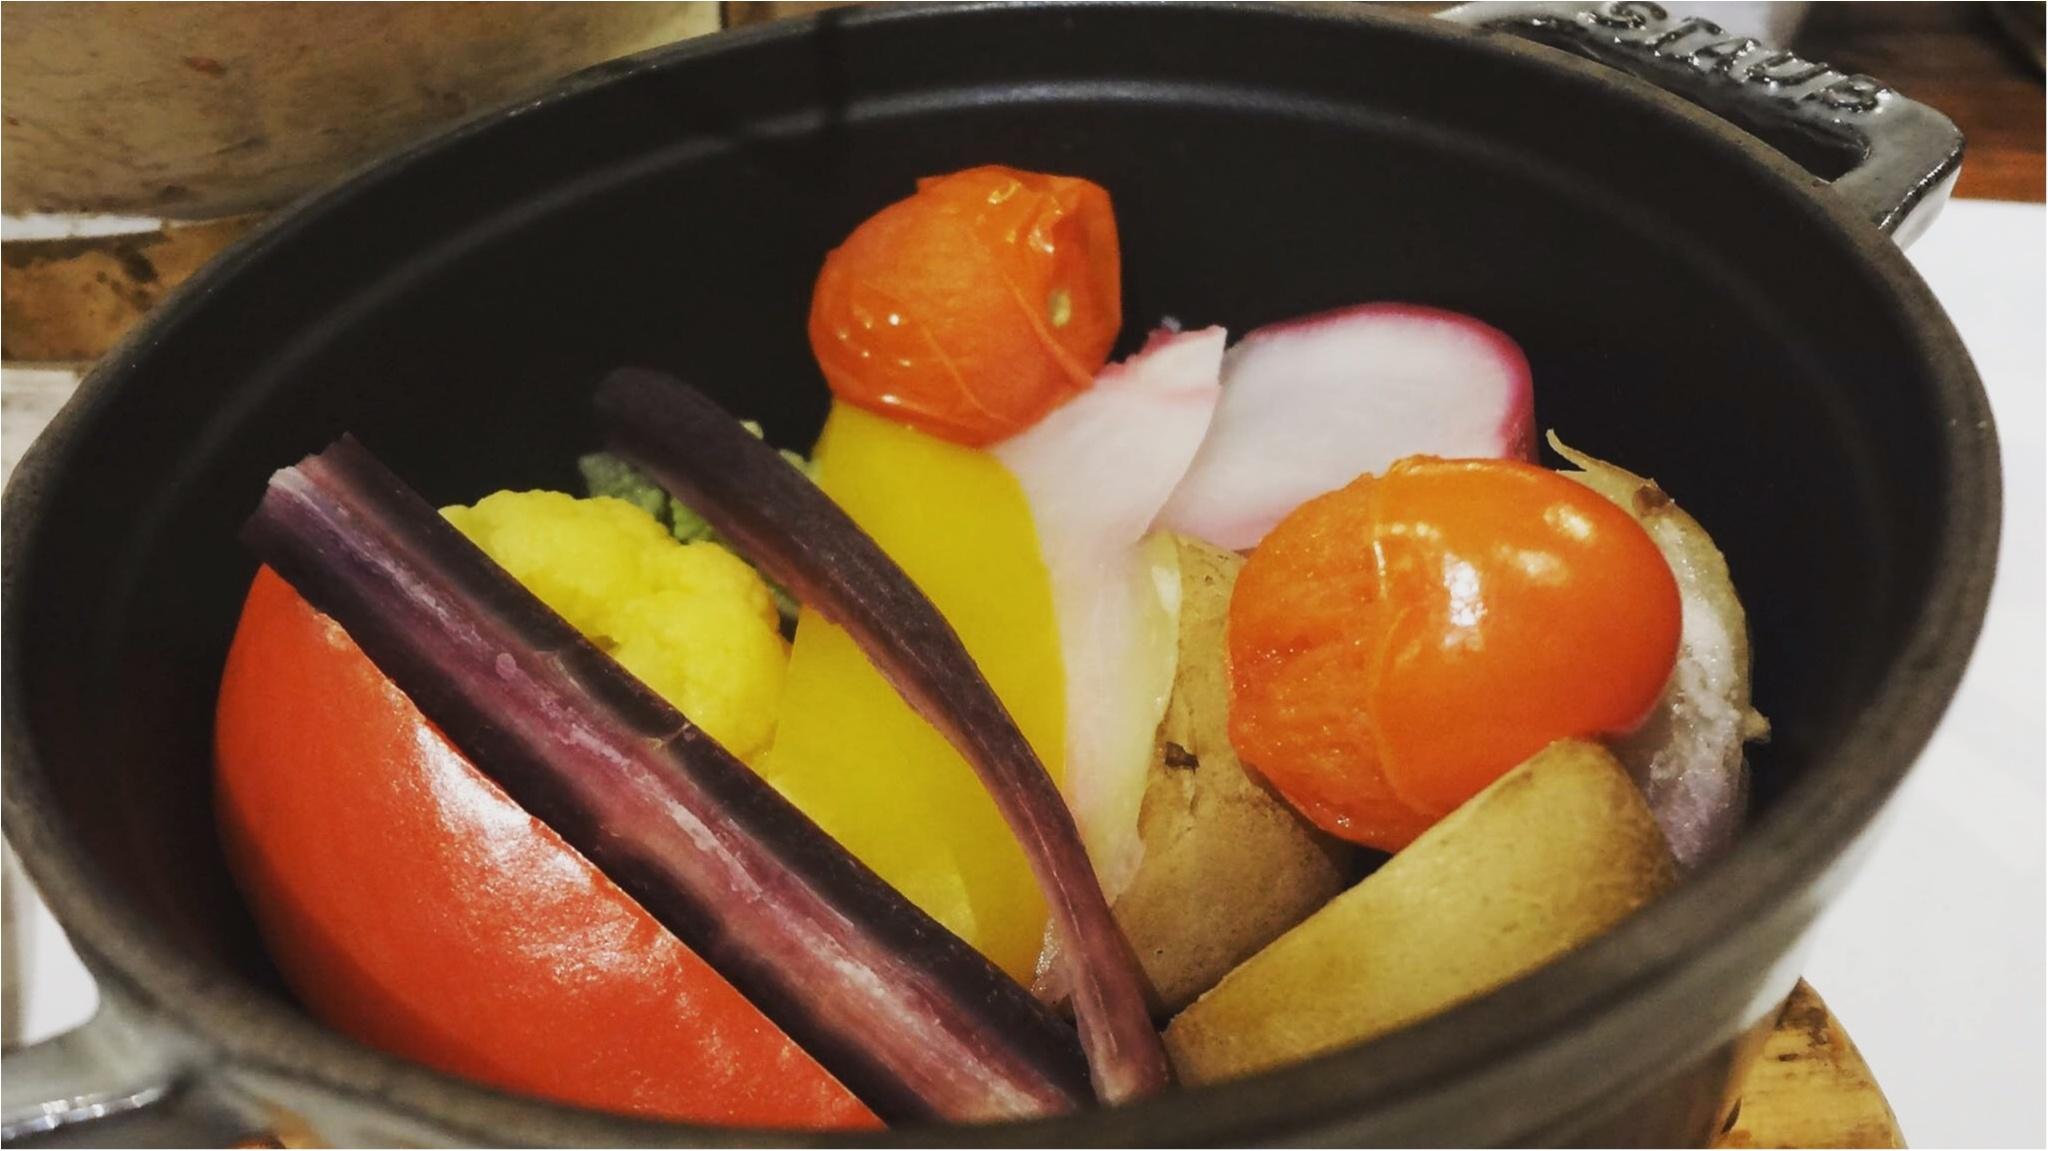 人気過ぎて予約困難な横浜のレストラン『チーズカフェ』でお得にチーズ料理を楽しむ方法✨≪samenyan≫_5